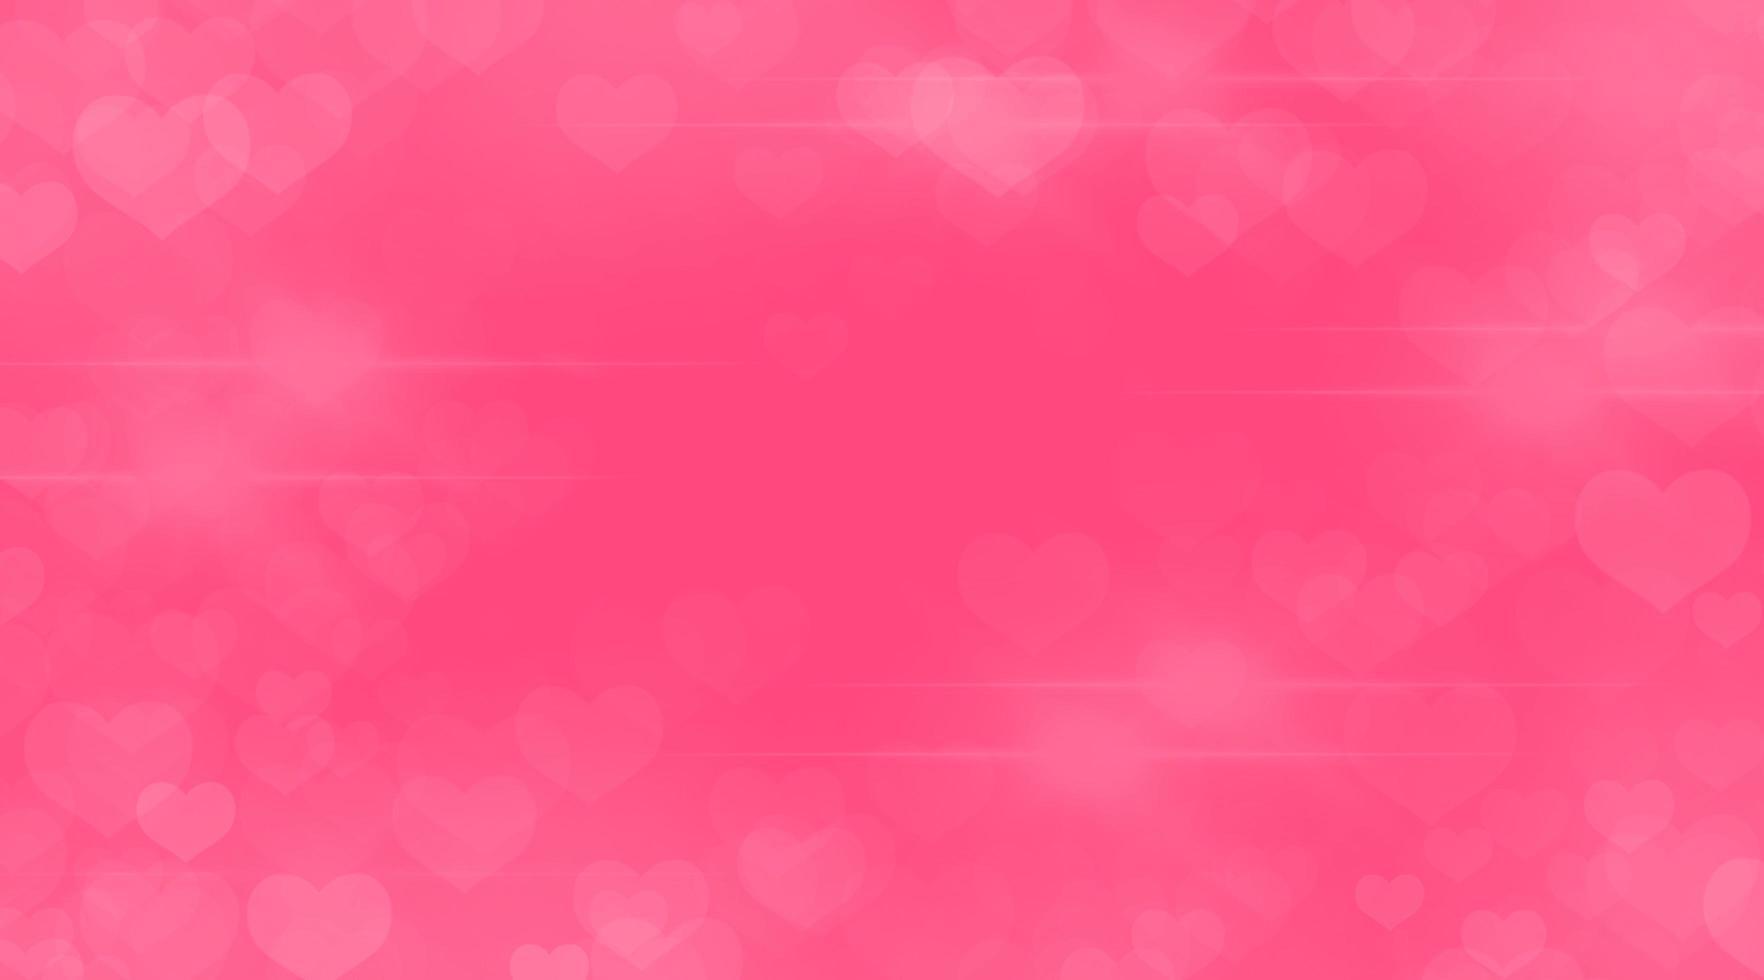 Valentijnsdag abstract met bokeh hart vormen op een roze achtergrond foto